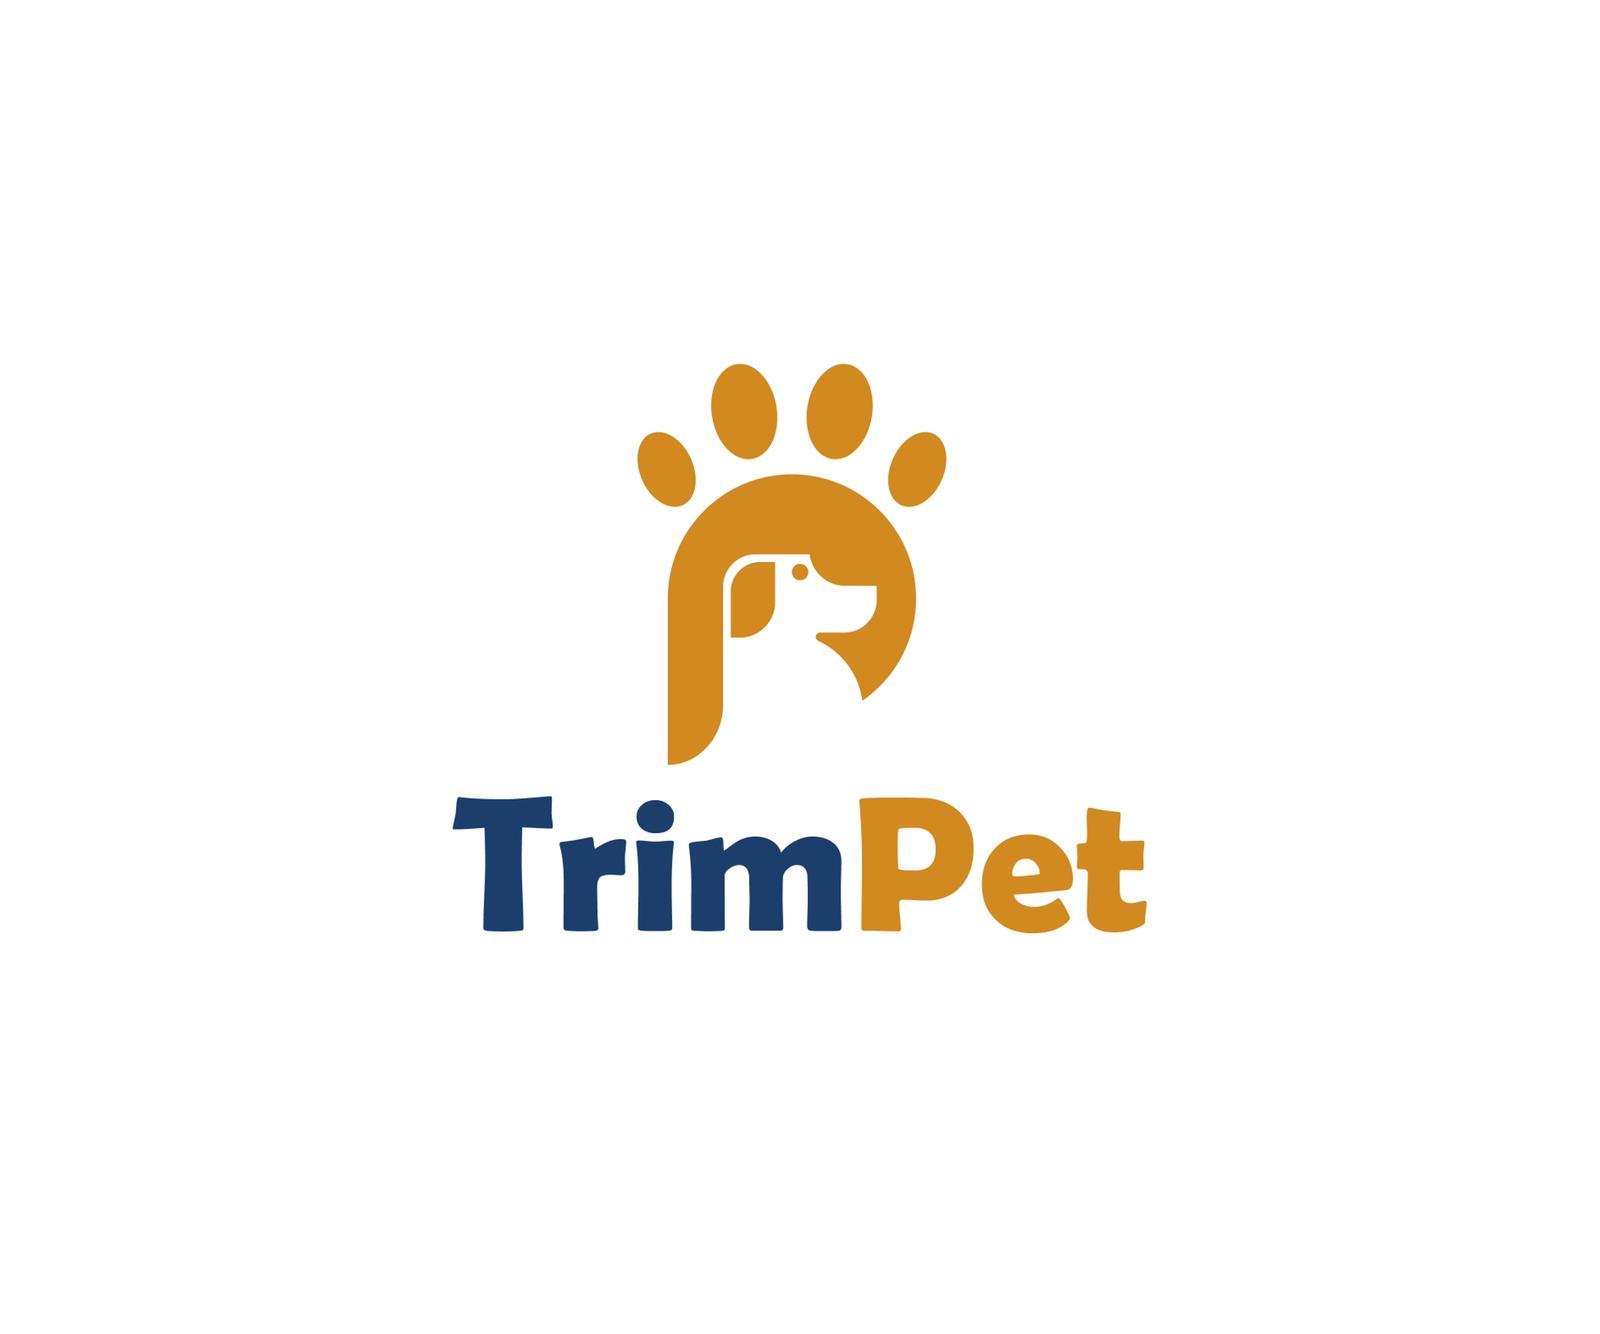 TrimPet